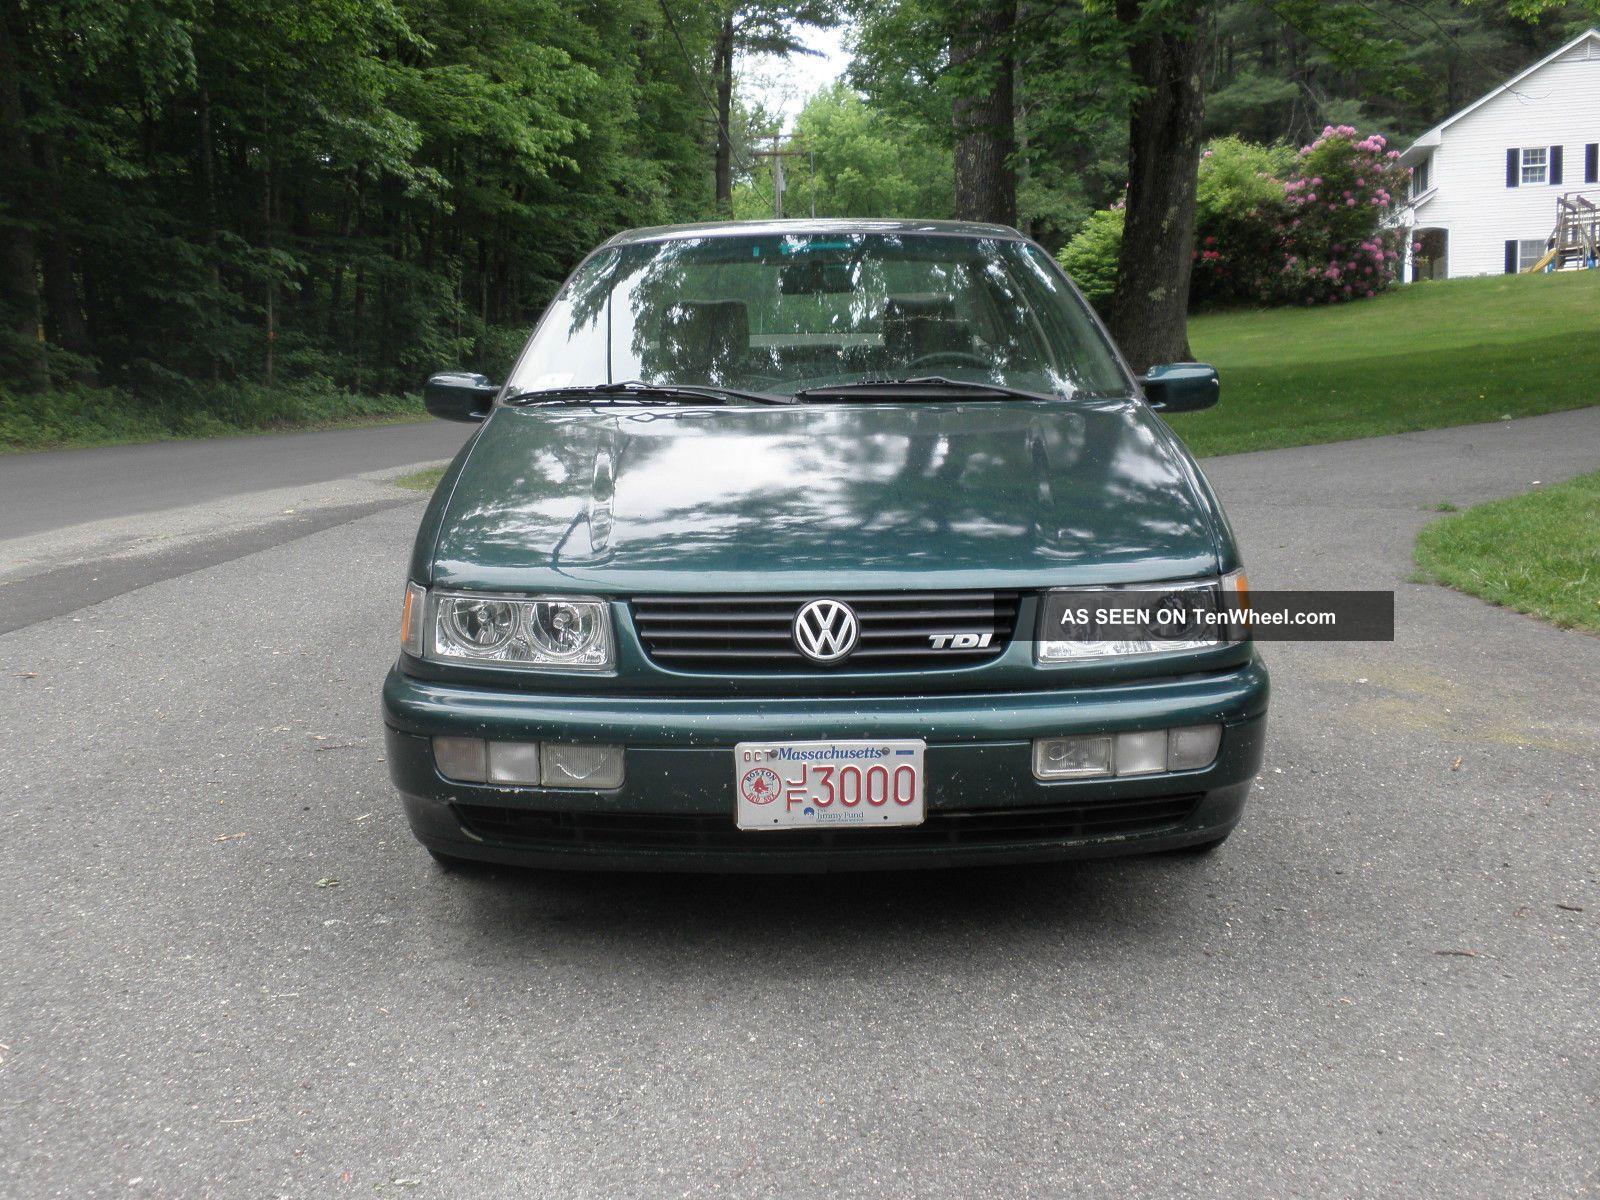 1997 Volkswagen Tdi Diesel 4 Door 5 Speed Overdrive Other Makes photo